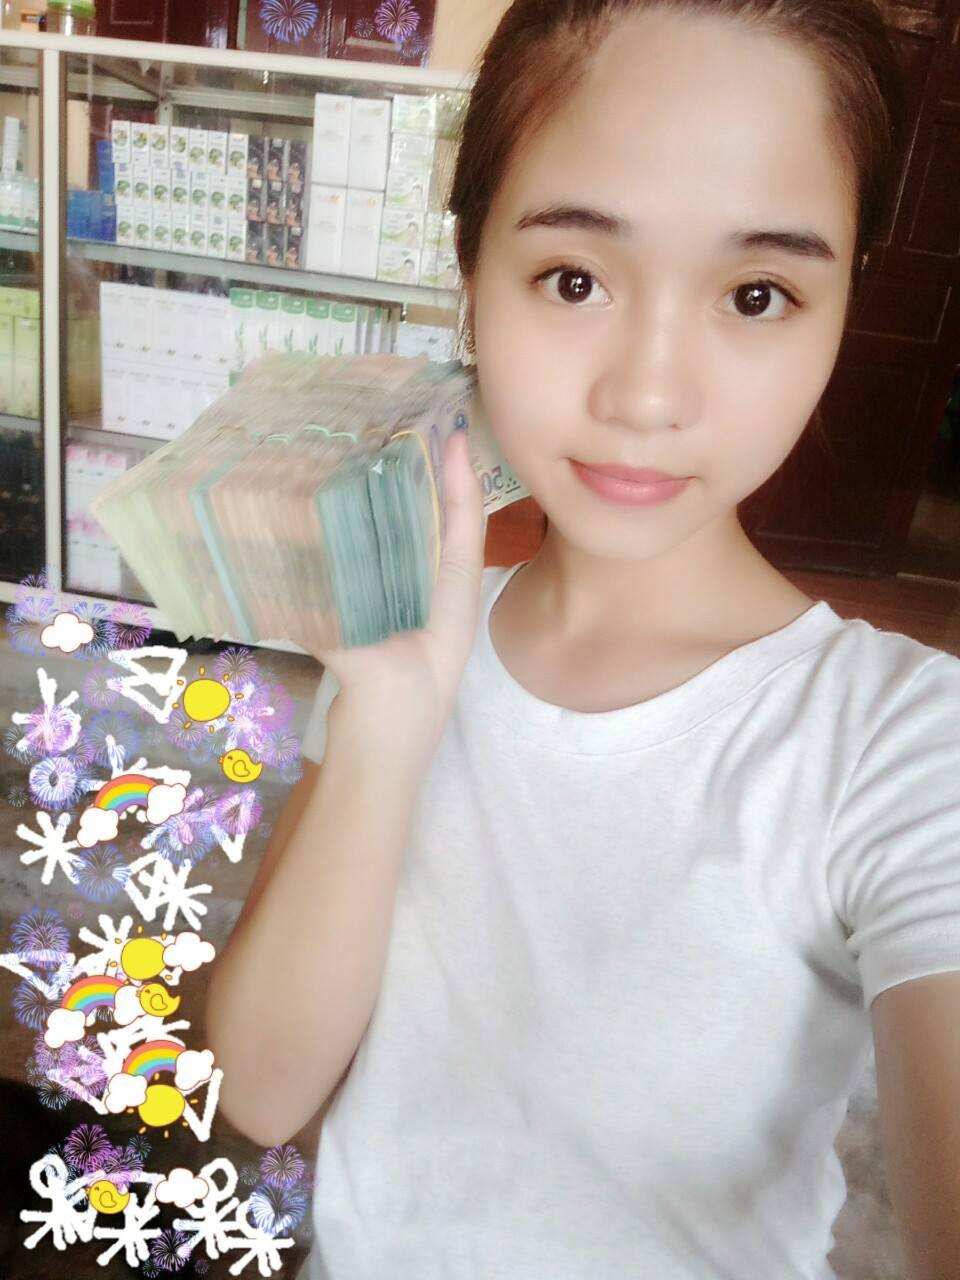 Hình ảnh Nữ sinh viên năm nhất kiếm hàng chục triệu đồng mỗi tháng nhờ kinh doanh mỹ phẩm số 3